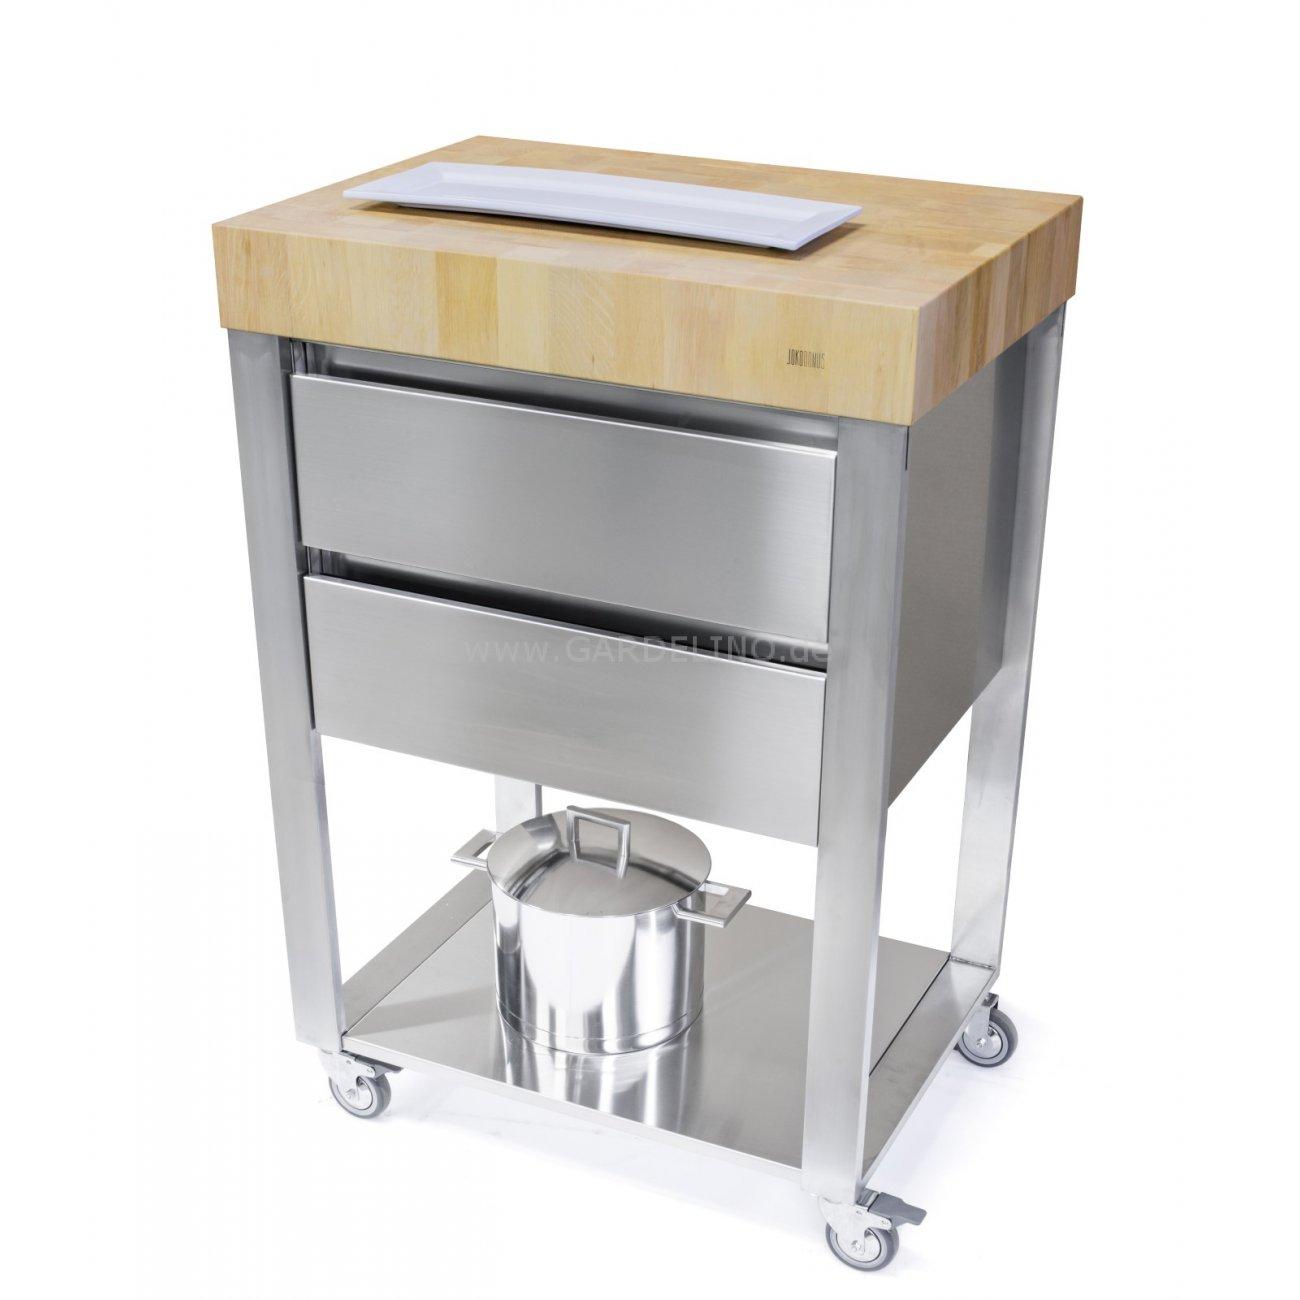 Joko domus cun kuchenwagen mit zwei schubladen for Küchenwagen